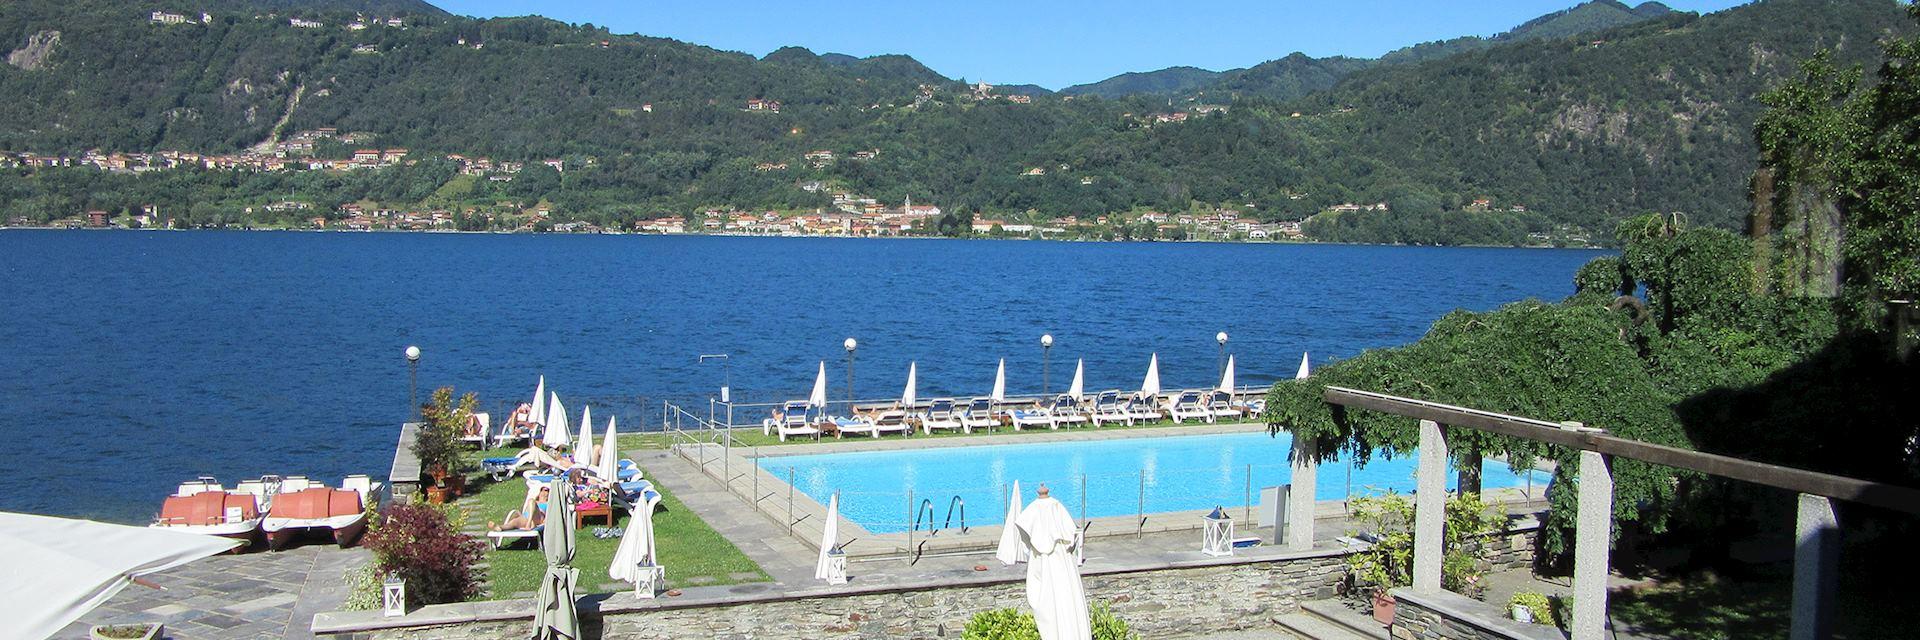 Hotel San Rocco, Lake Orta